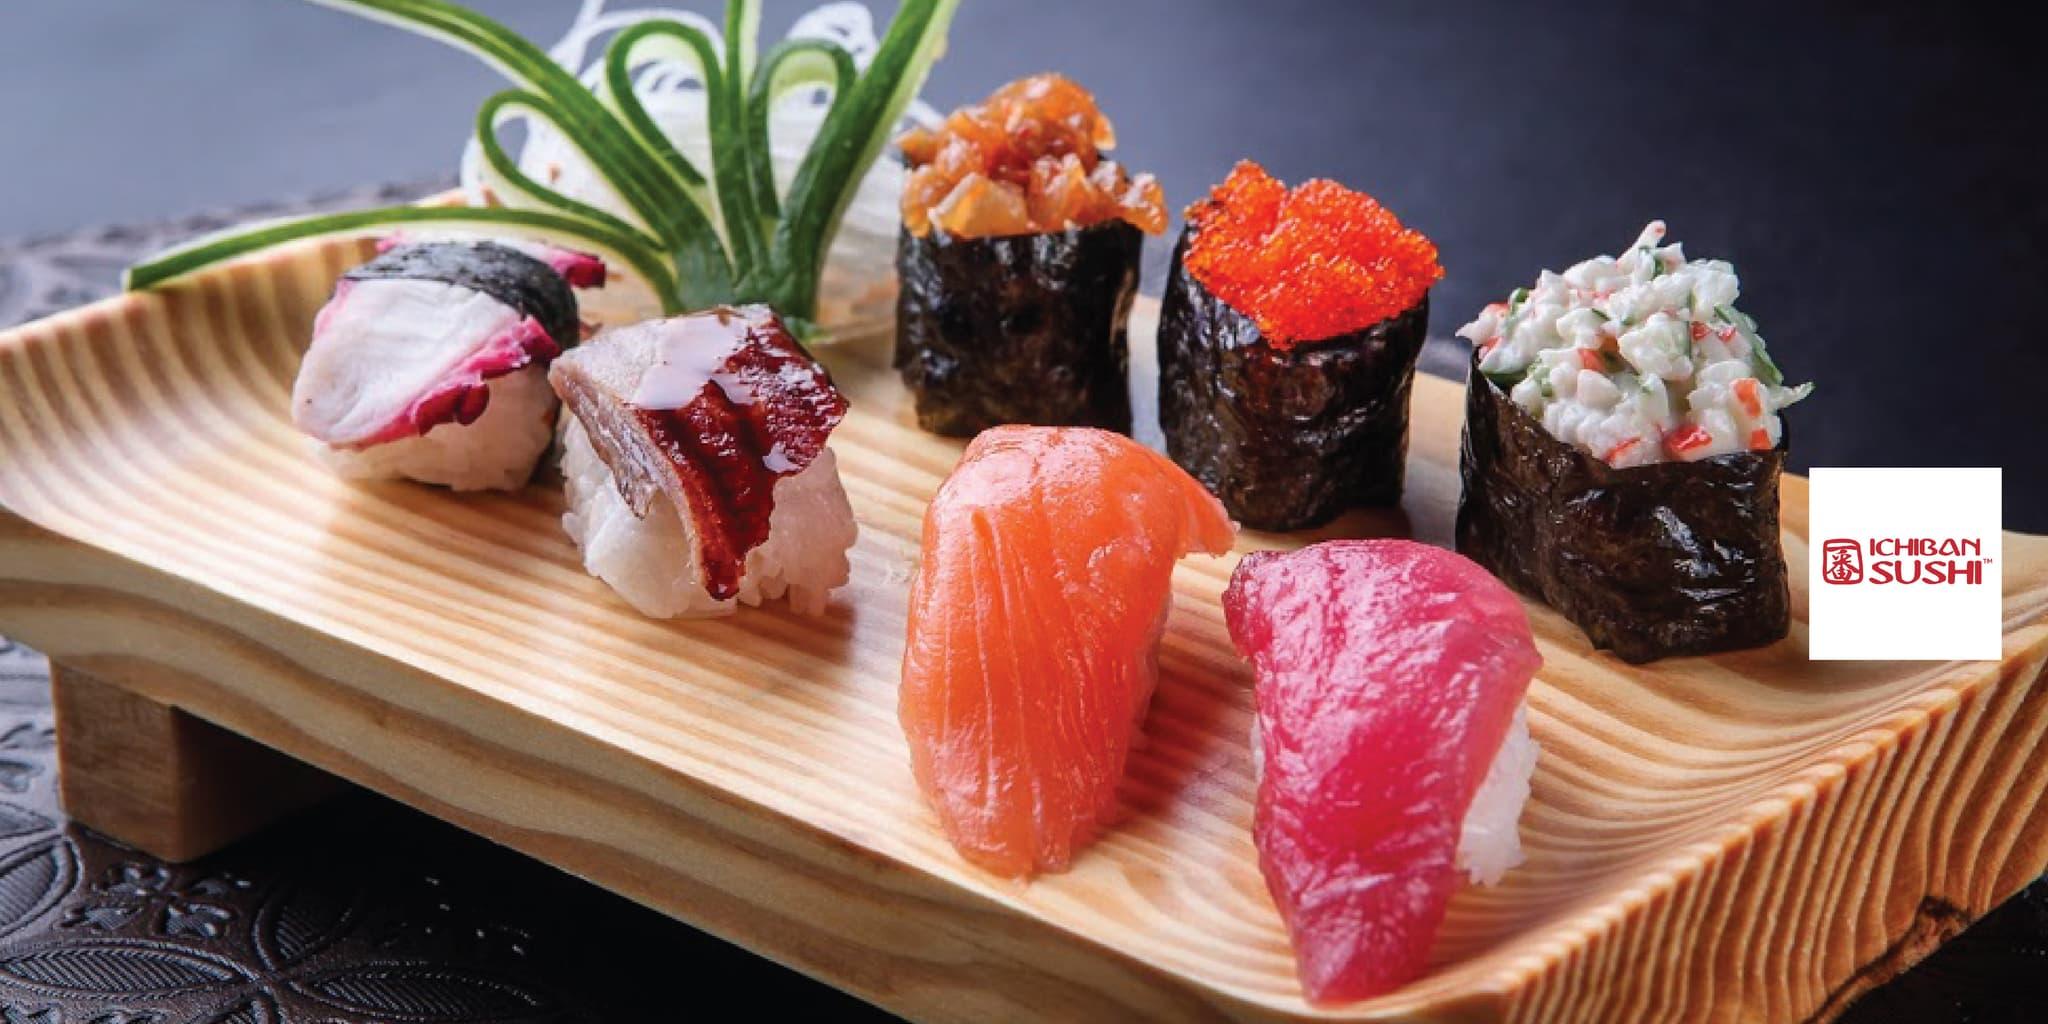 Voucher Ichiban Sushi Rp 100.000